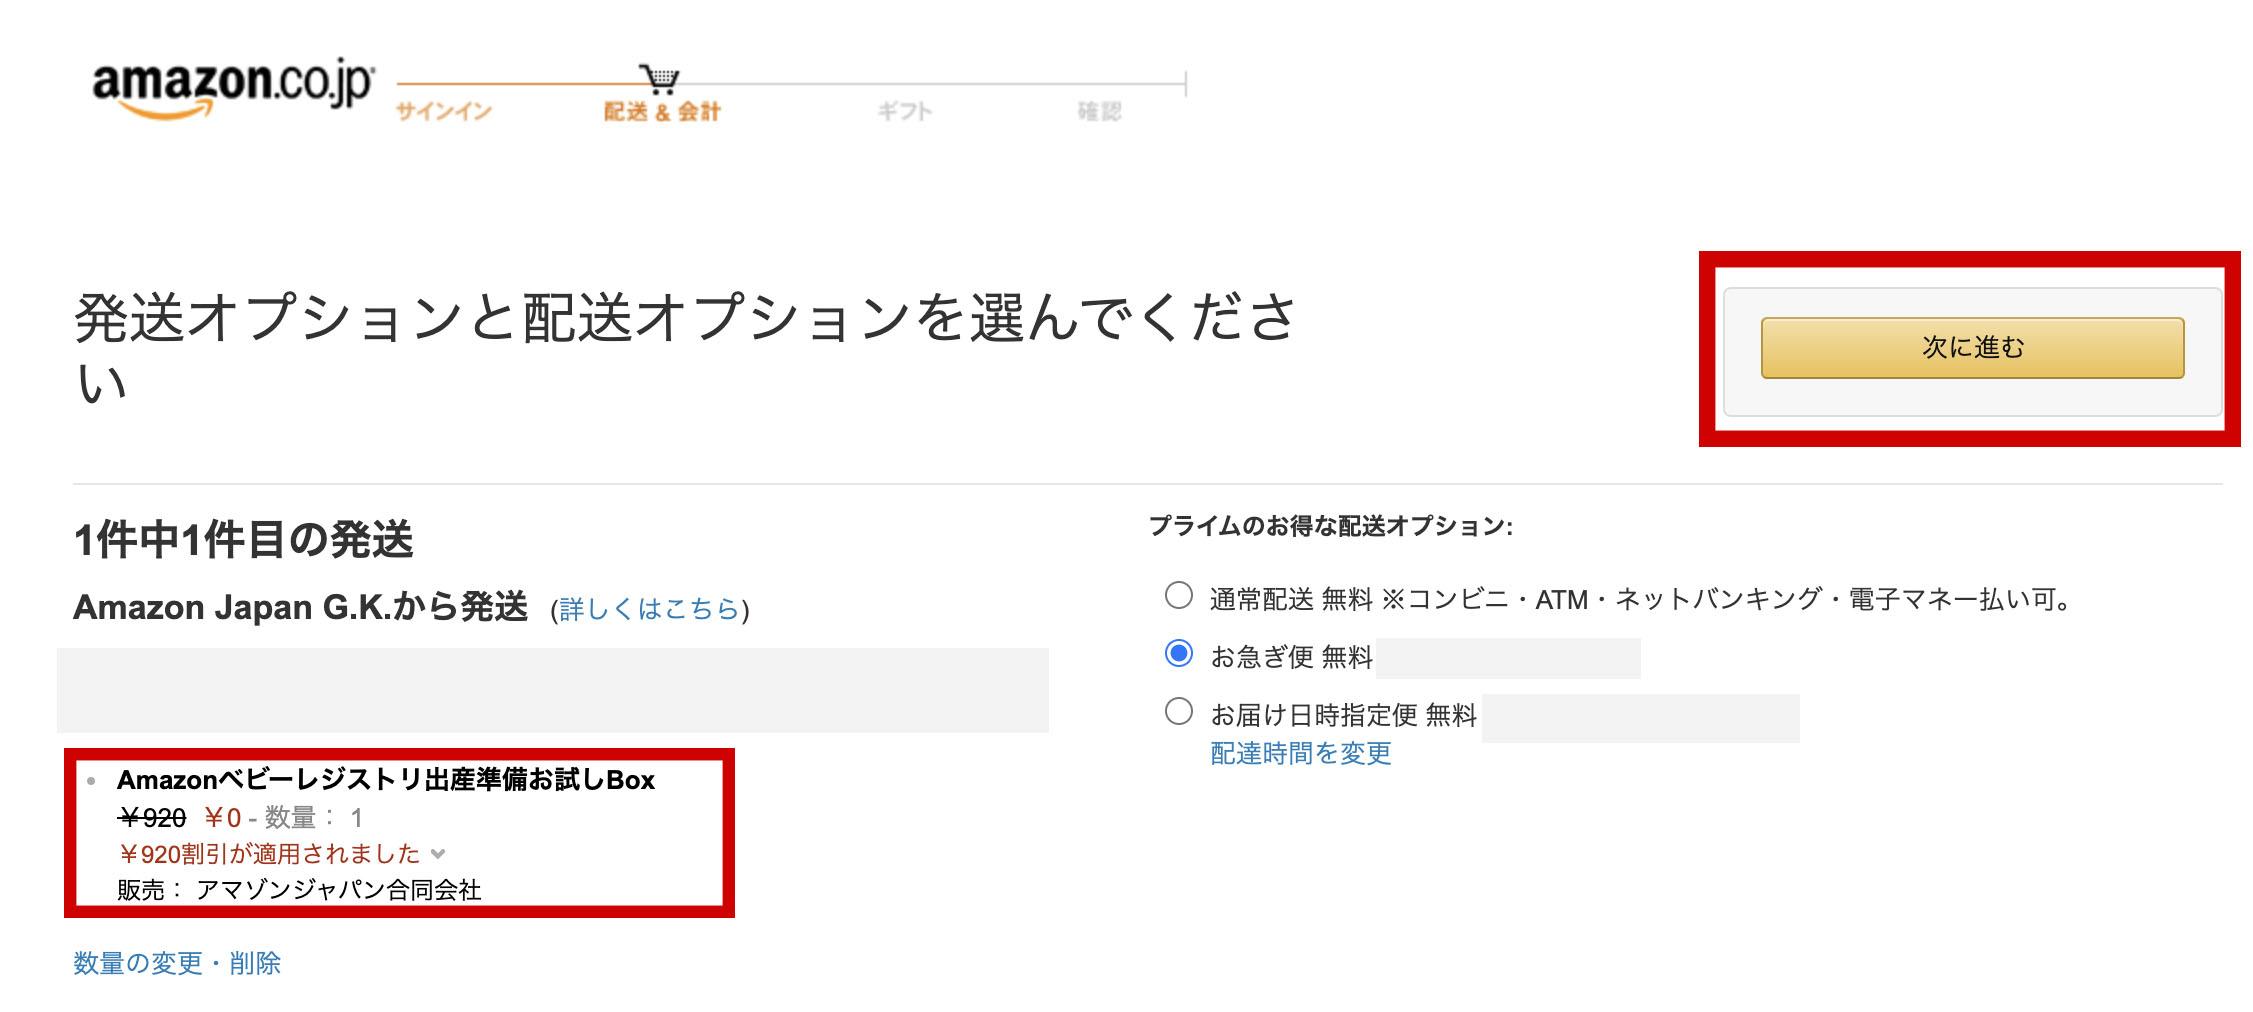 【Amazonベビーレジストリ】発送オプションと配送オプションを選択